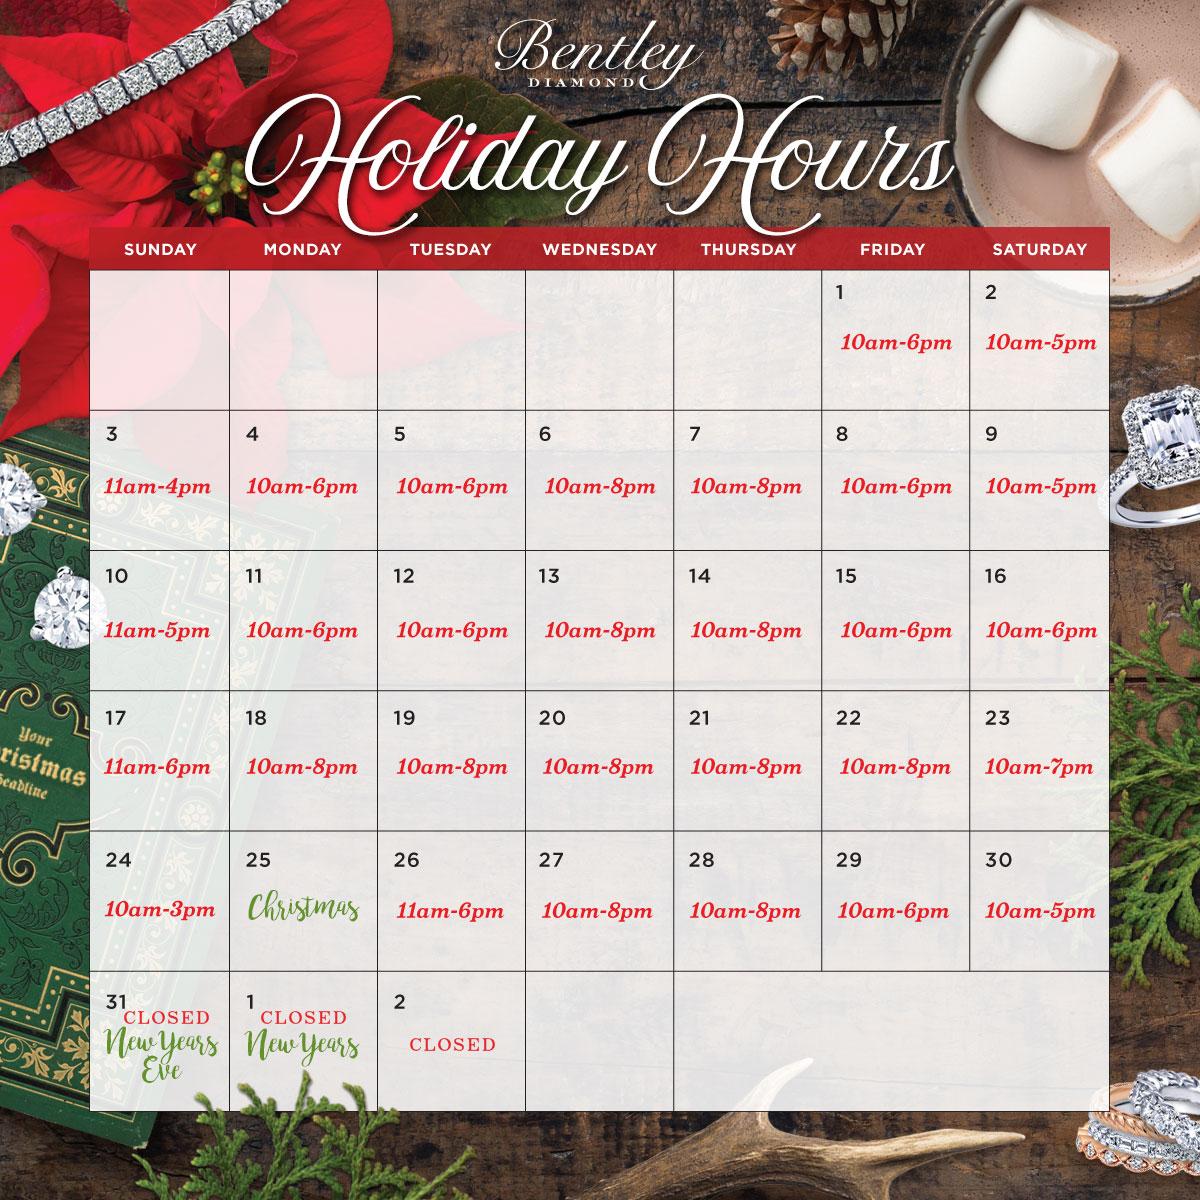 Bentley Diamond - Holiday Hours 2017